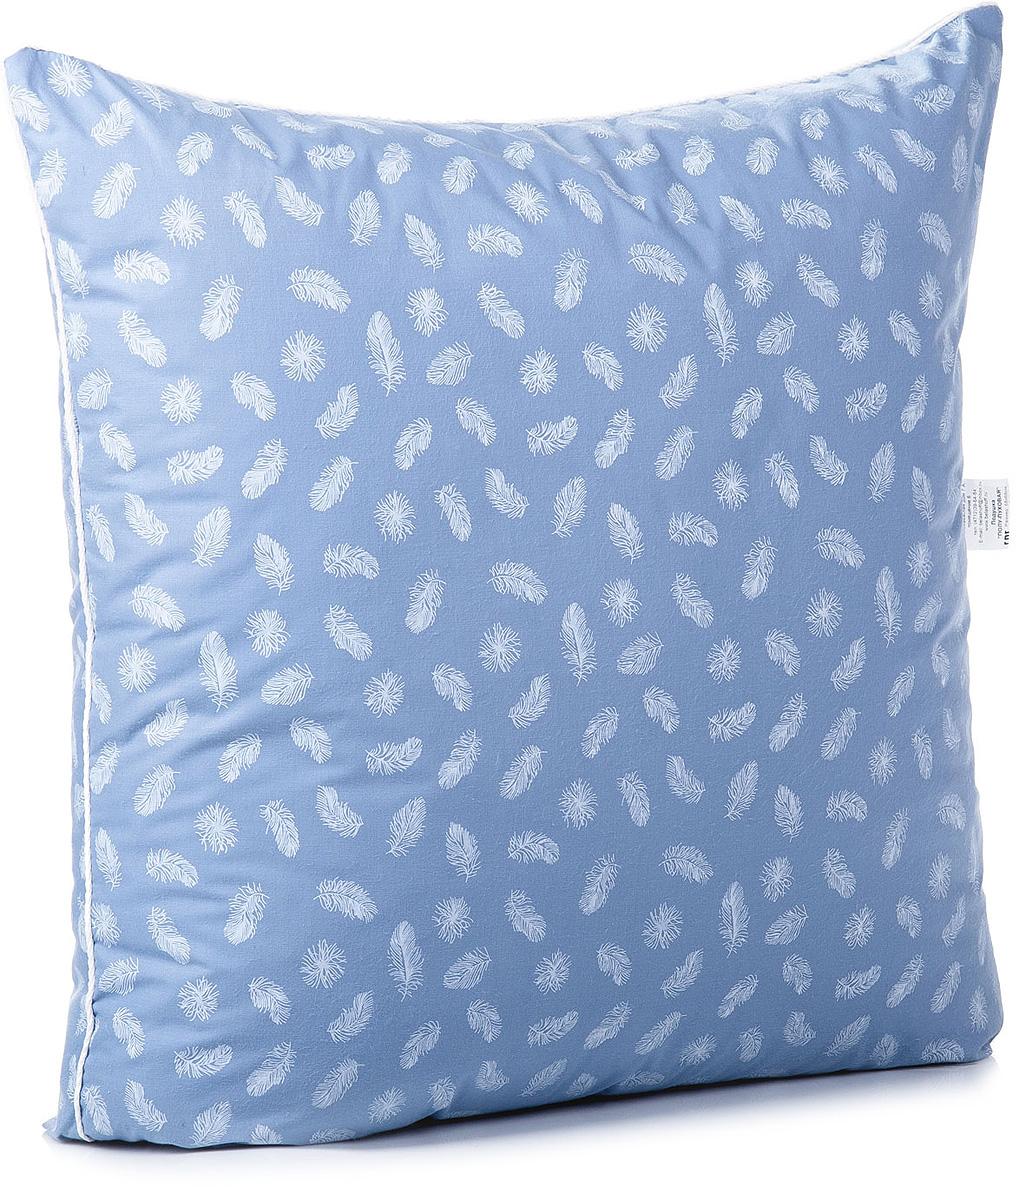 Подушка Тихий час Полу-пуховая, цвет: голубой, 68 х 68 смТЧП 2-1Коллекция пуховых постельных принадлежностей, выполненная в классическом стиле. Одеяла и подушки отличаются объемом и плавностью линий. Оптимальное соотношение пуха и пера (50/50%) в составе наполнителя, мягкость, упругость одеял и подушек.Для коллекции подобрана ткань, плотная структура которой препятствует миграции мелкого пера через чехол. Спокойные тона коллекции с неброским рисунком понравятся тем, кто ценит простоту и элегантность.